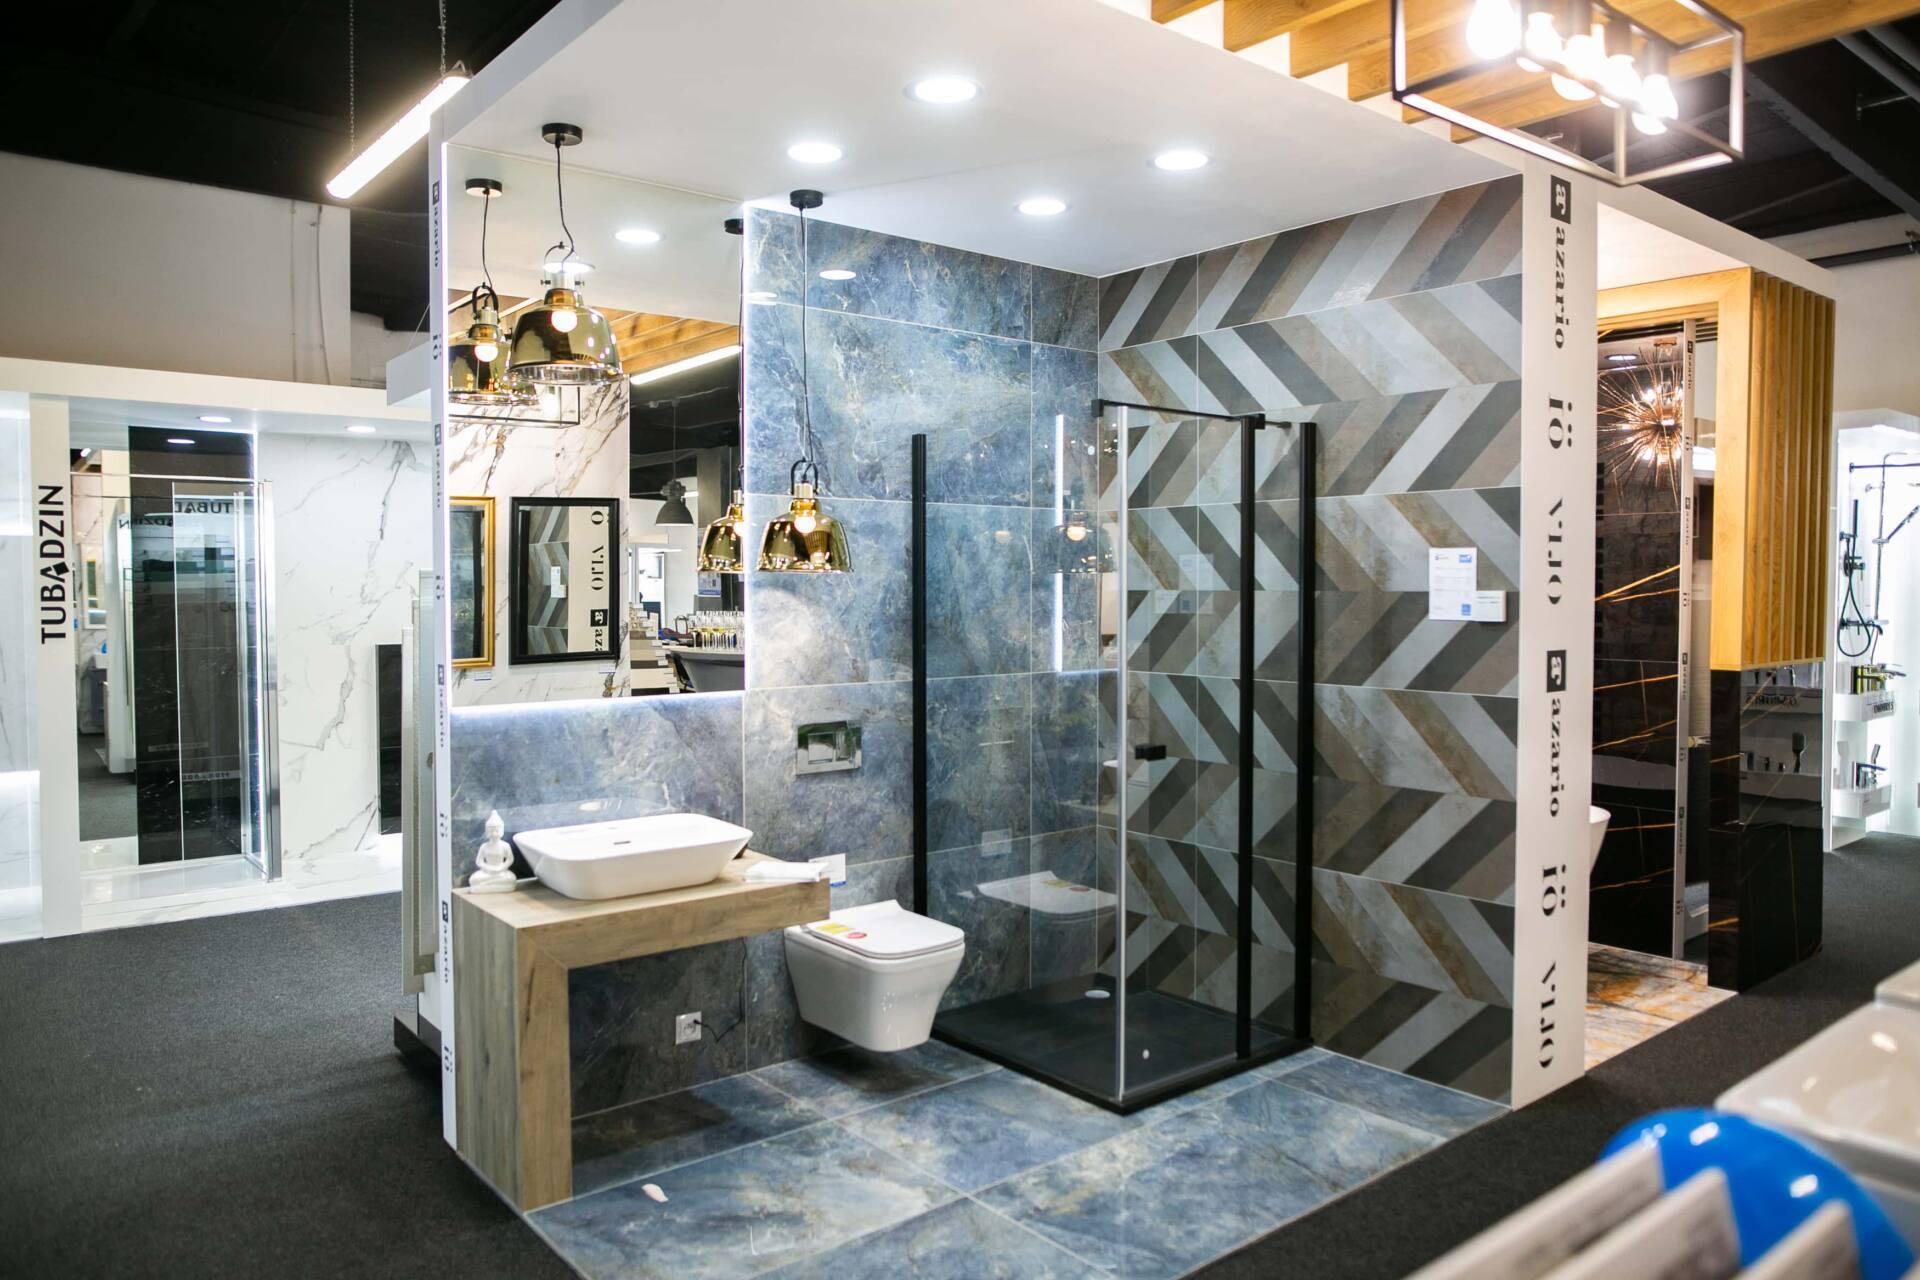 5db 5581 Salon BLU: na ponad 500 m2., 36 łazienkowych aranżacji i bogata ekspozycja wyposażenia (zdjęcia)